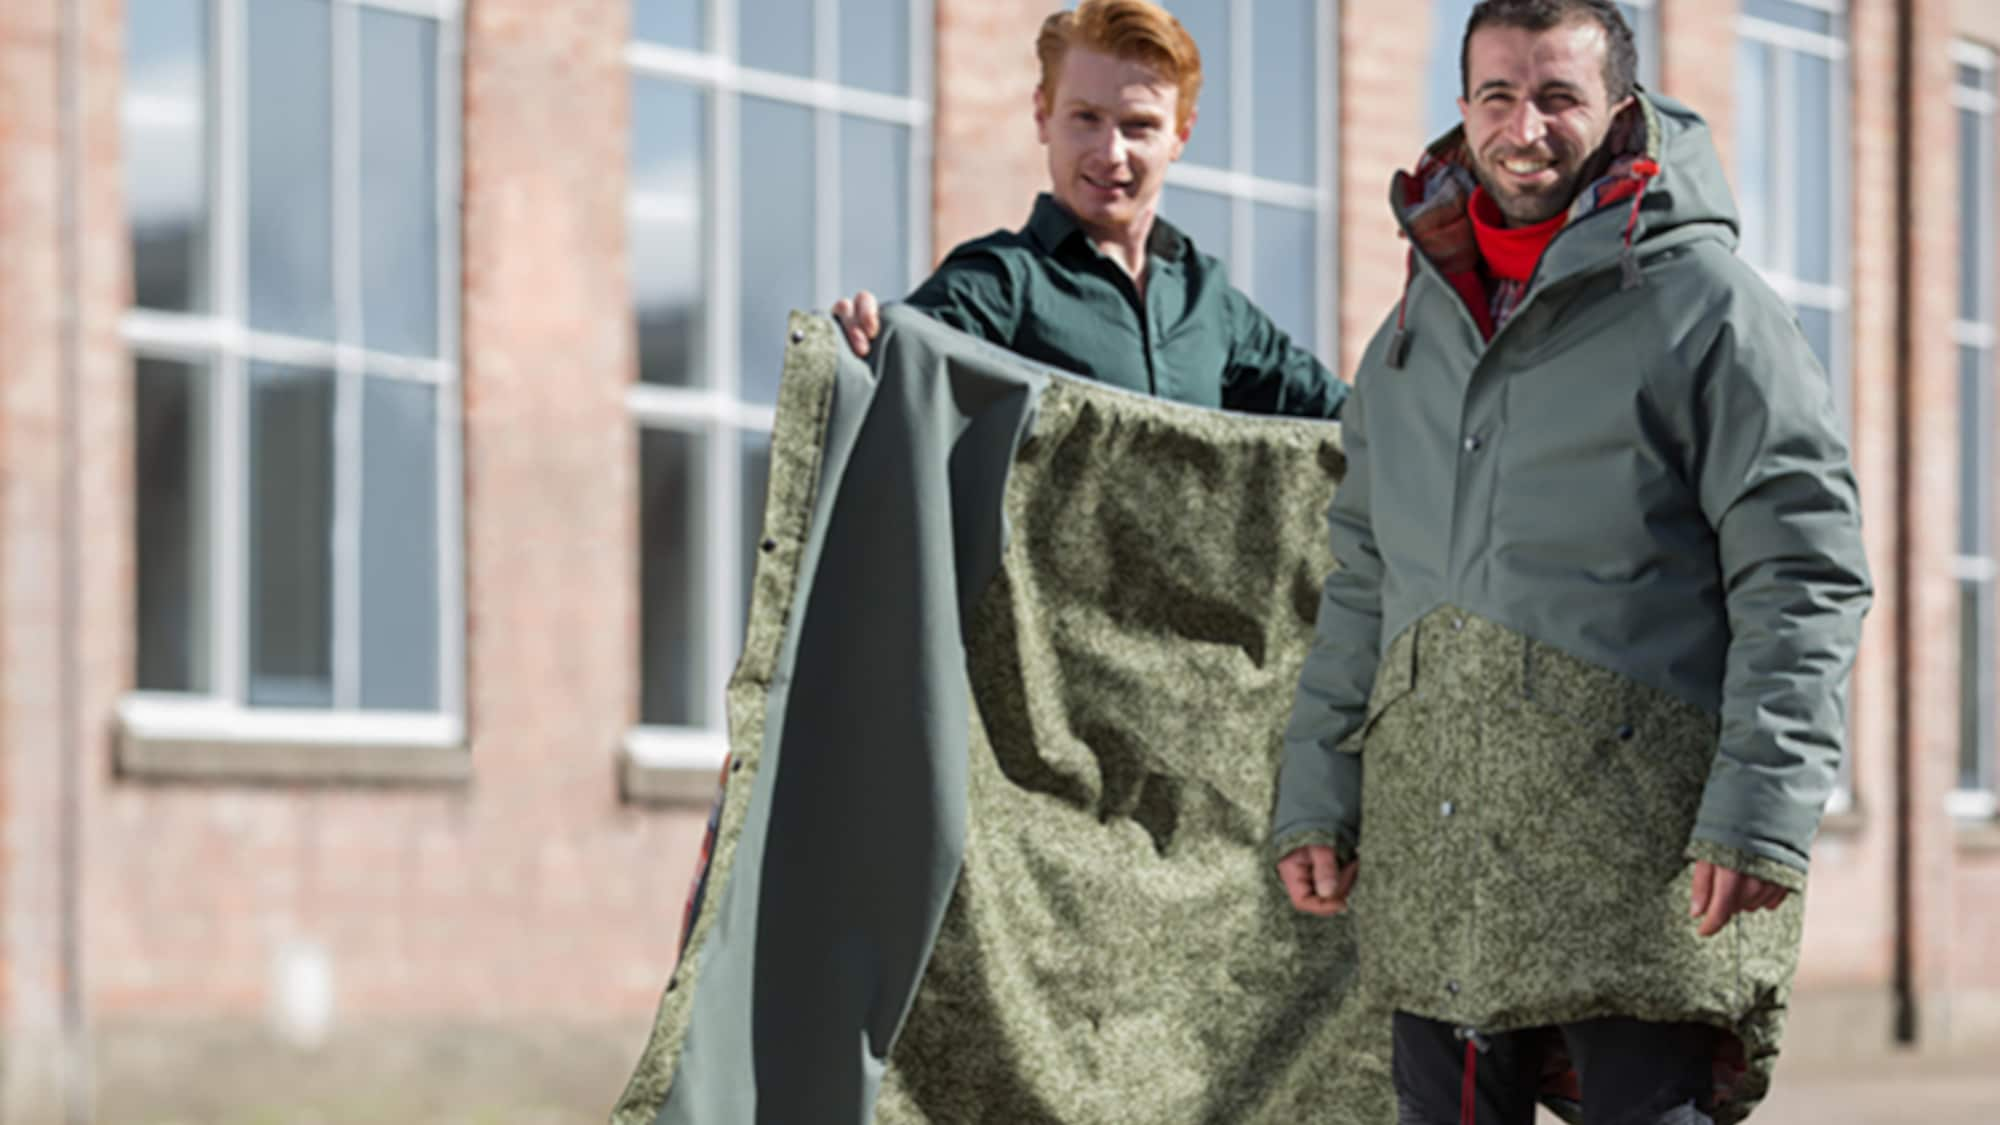 Gute Idee für Open-Air-Abfall: Niederländer macht aus Abfall Schlafsäcke für Obdachlose